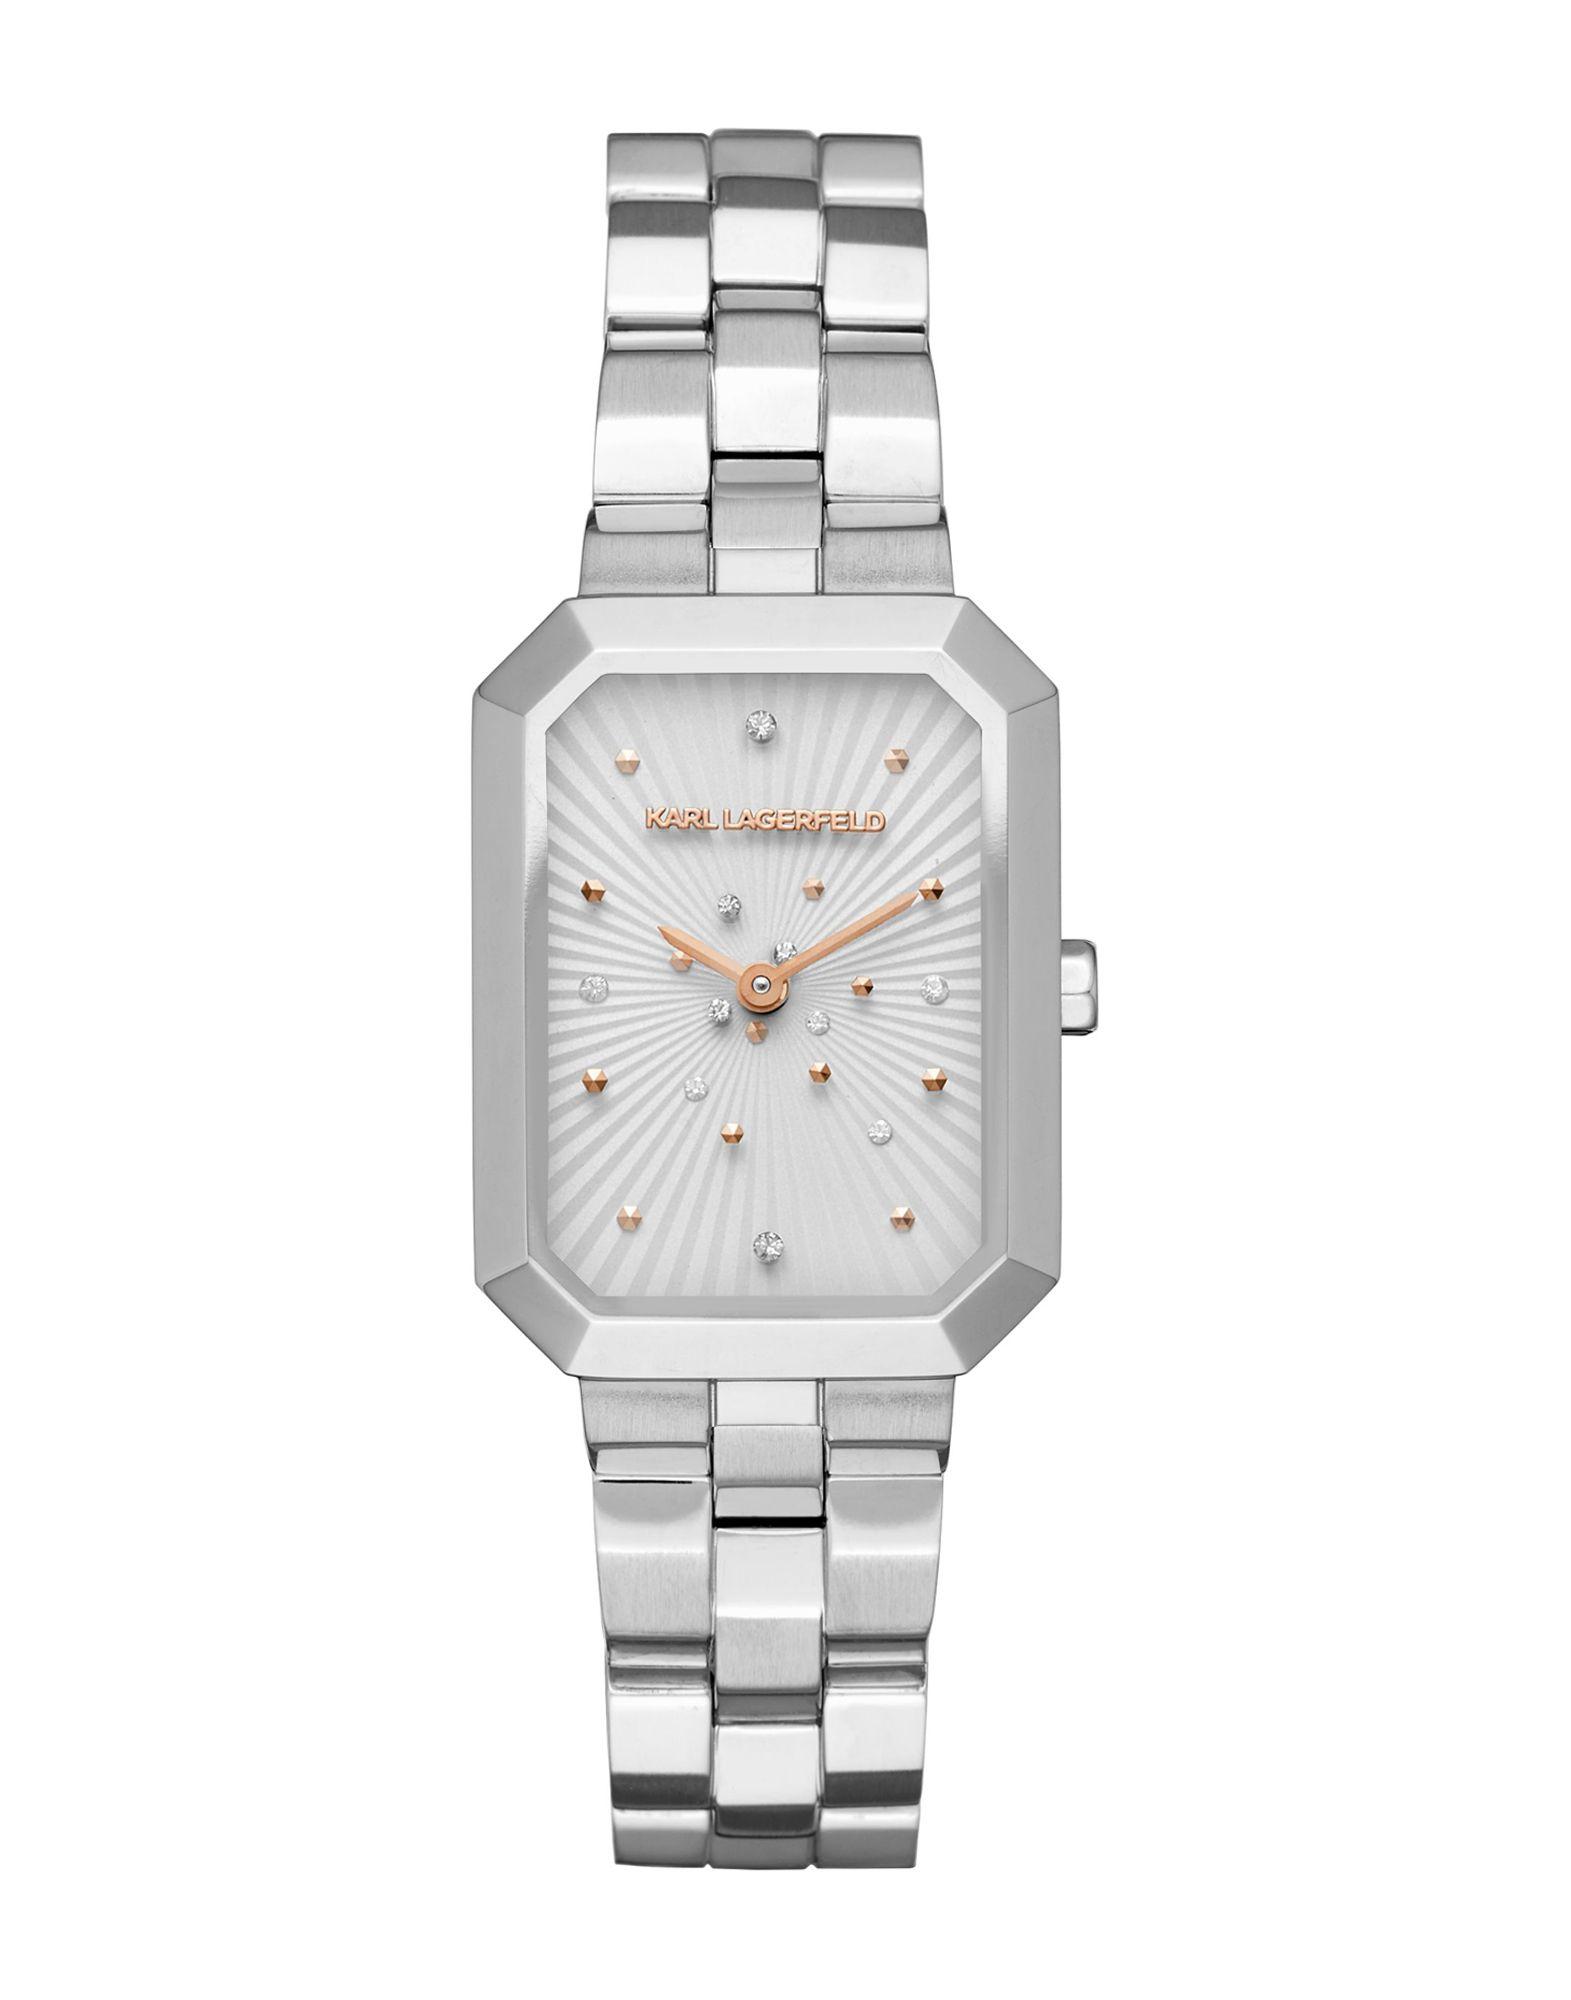 《送料無料》KARL LAGERFELD レディース 腕時計 シルバー スチール LINDA